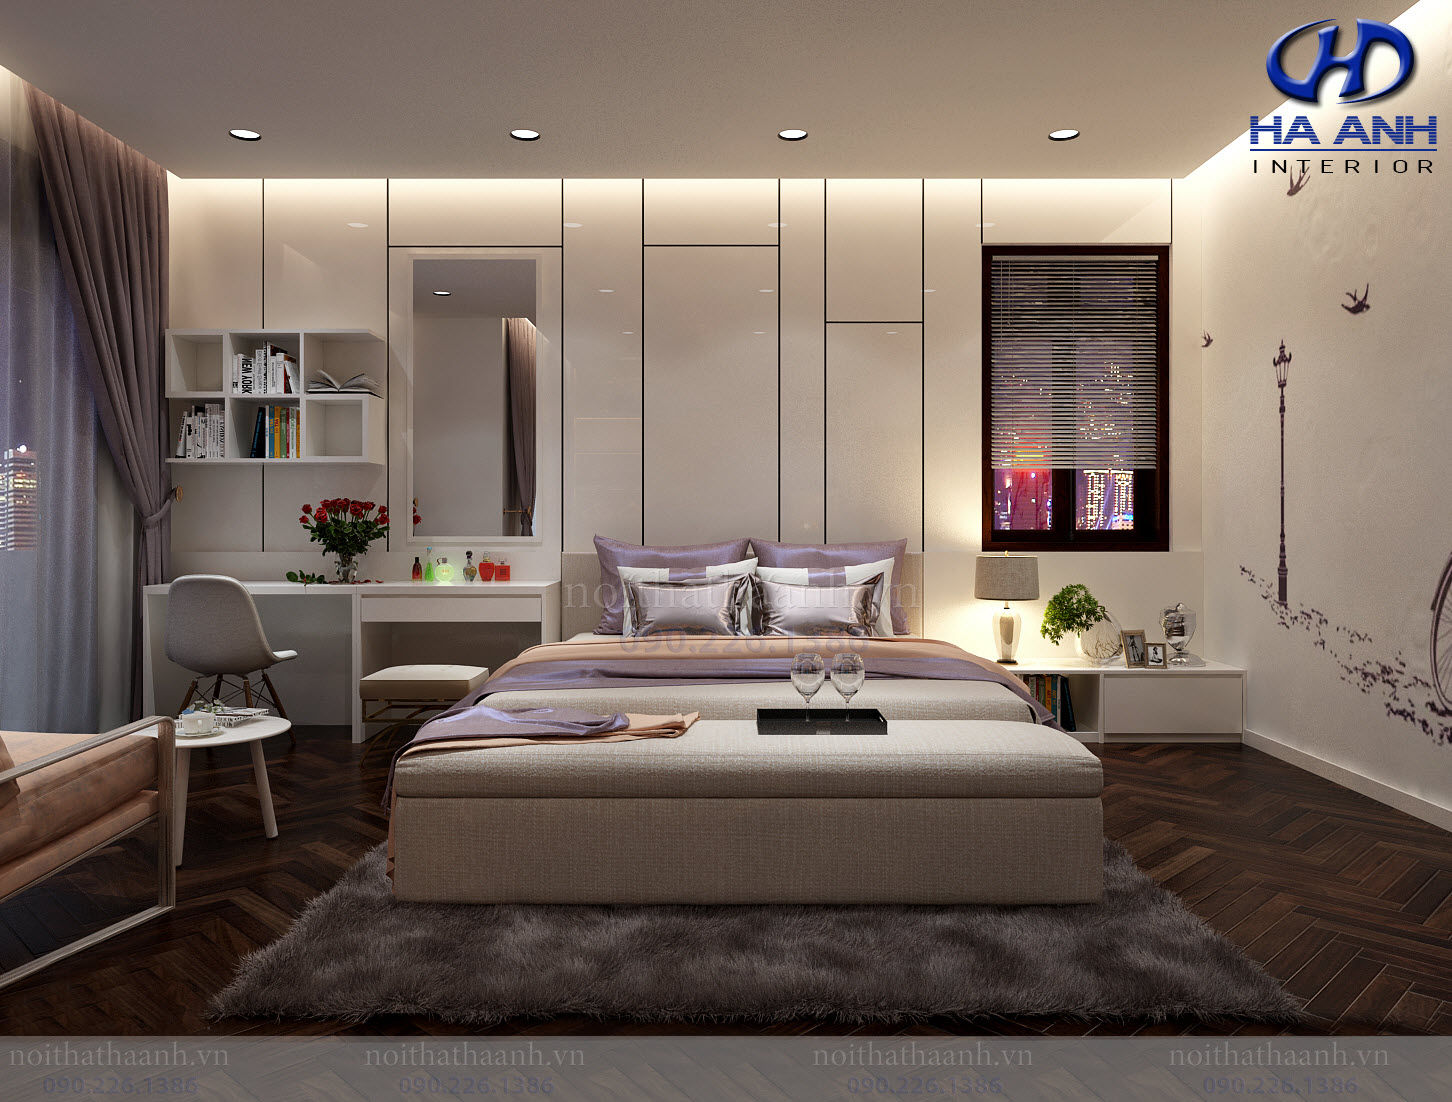 Thiết kế và thi công nội thất gia đình chị Vân TP Sơn La-8